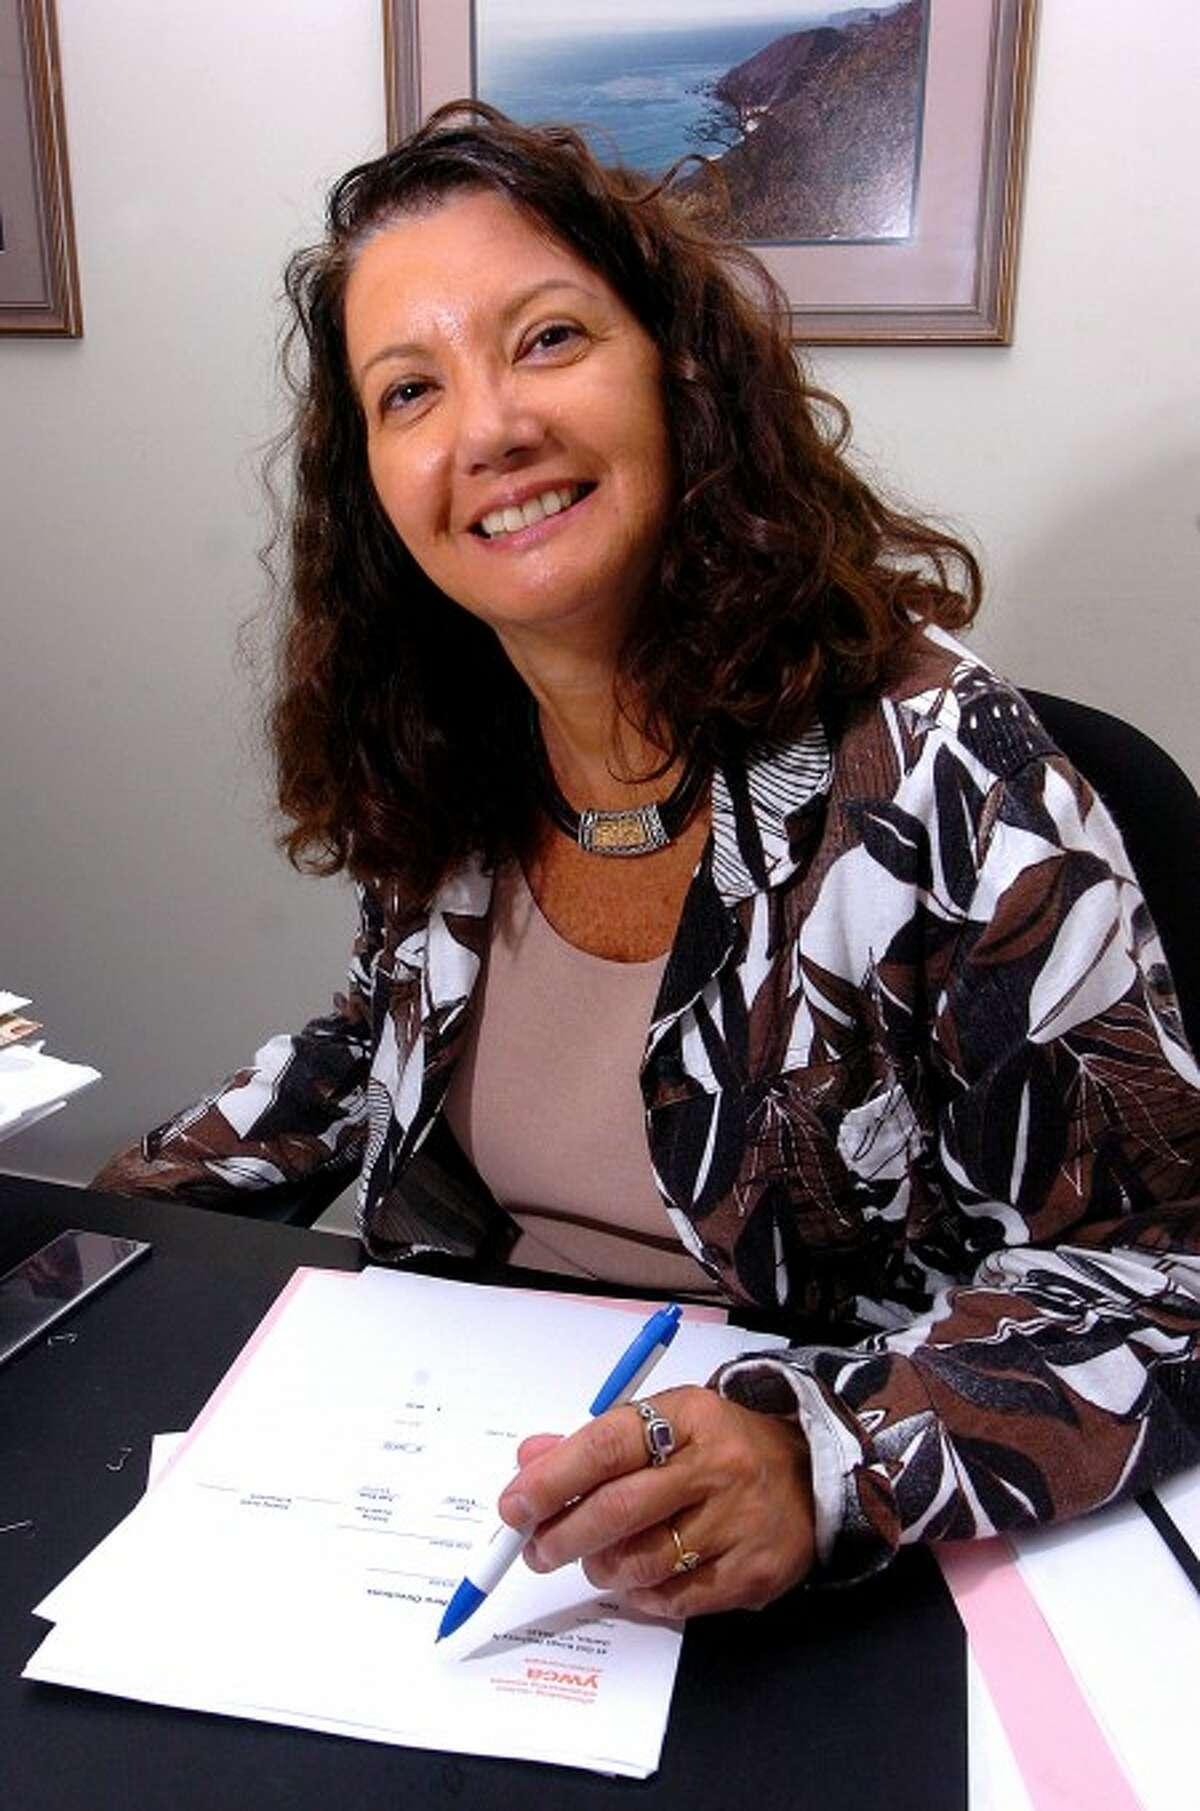 Photo/Alex von Kleydorff. Carol Piscitelli, New Directions Coordinator at the YWCA of Darien/Norwalk.